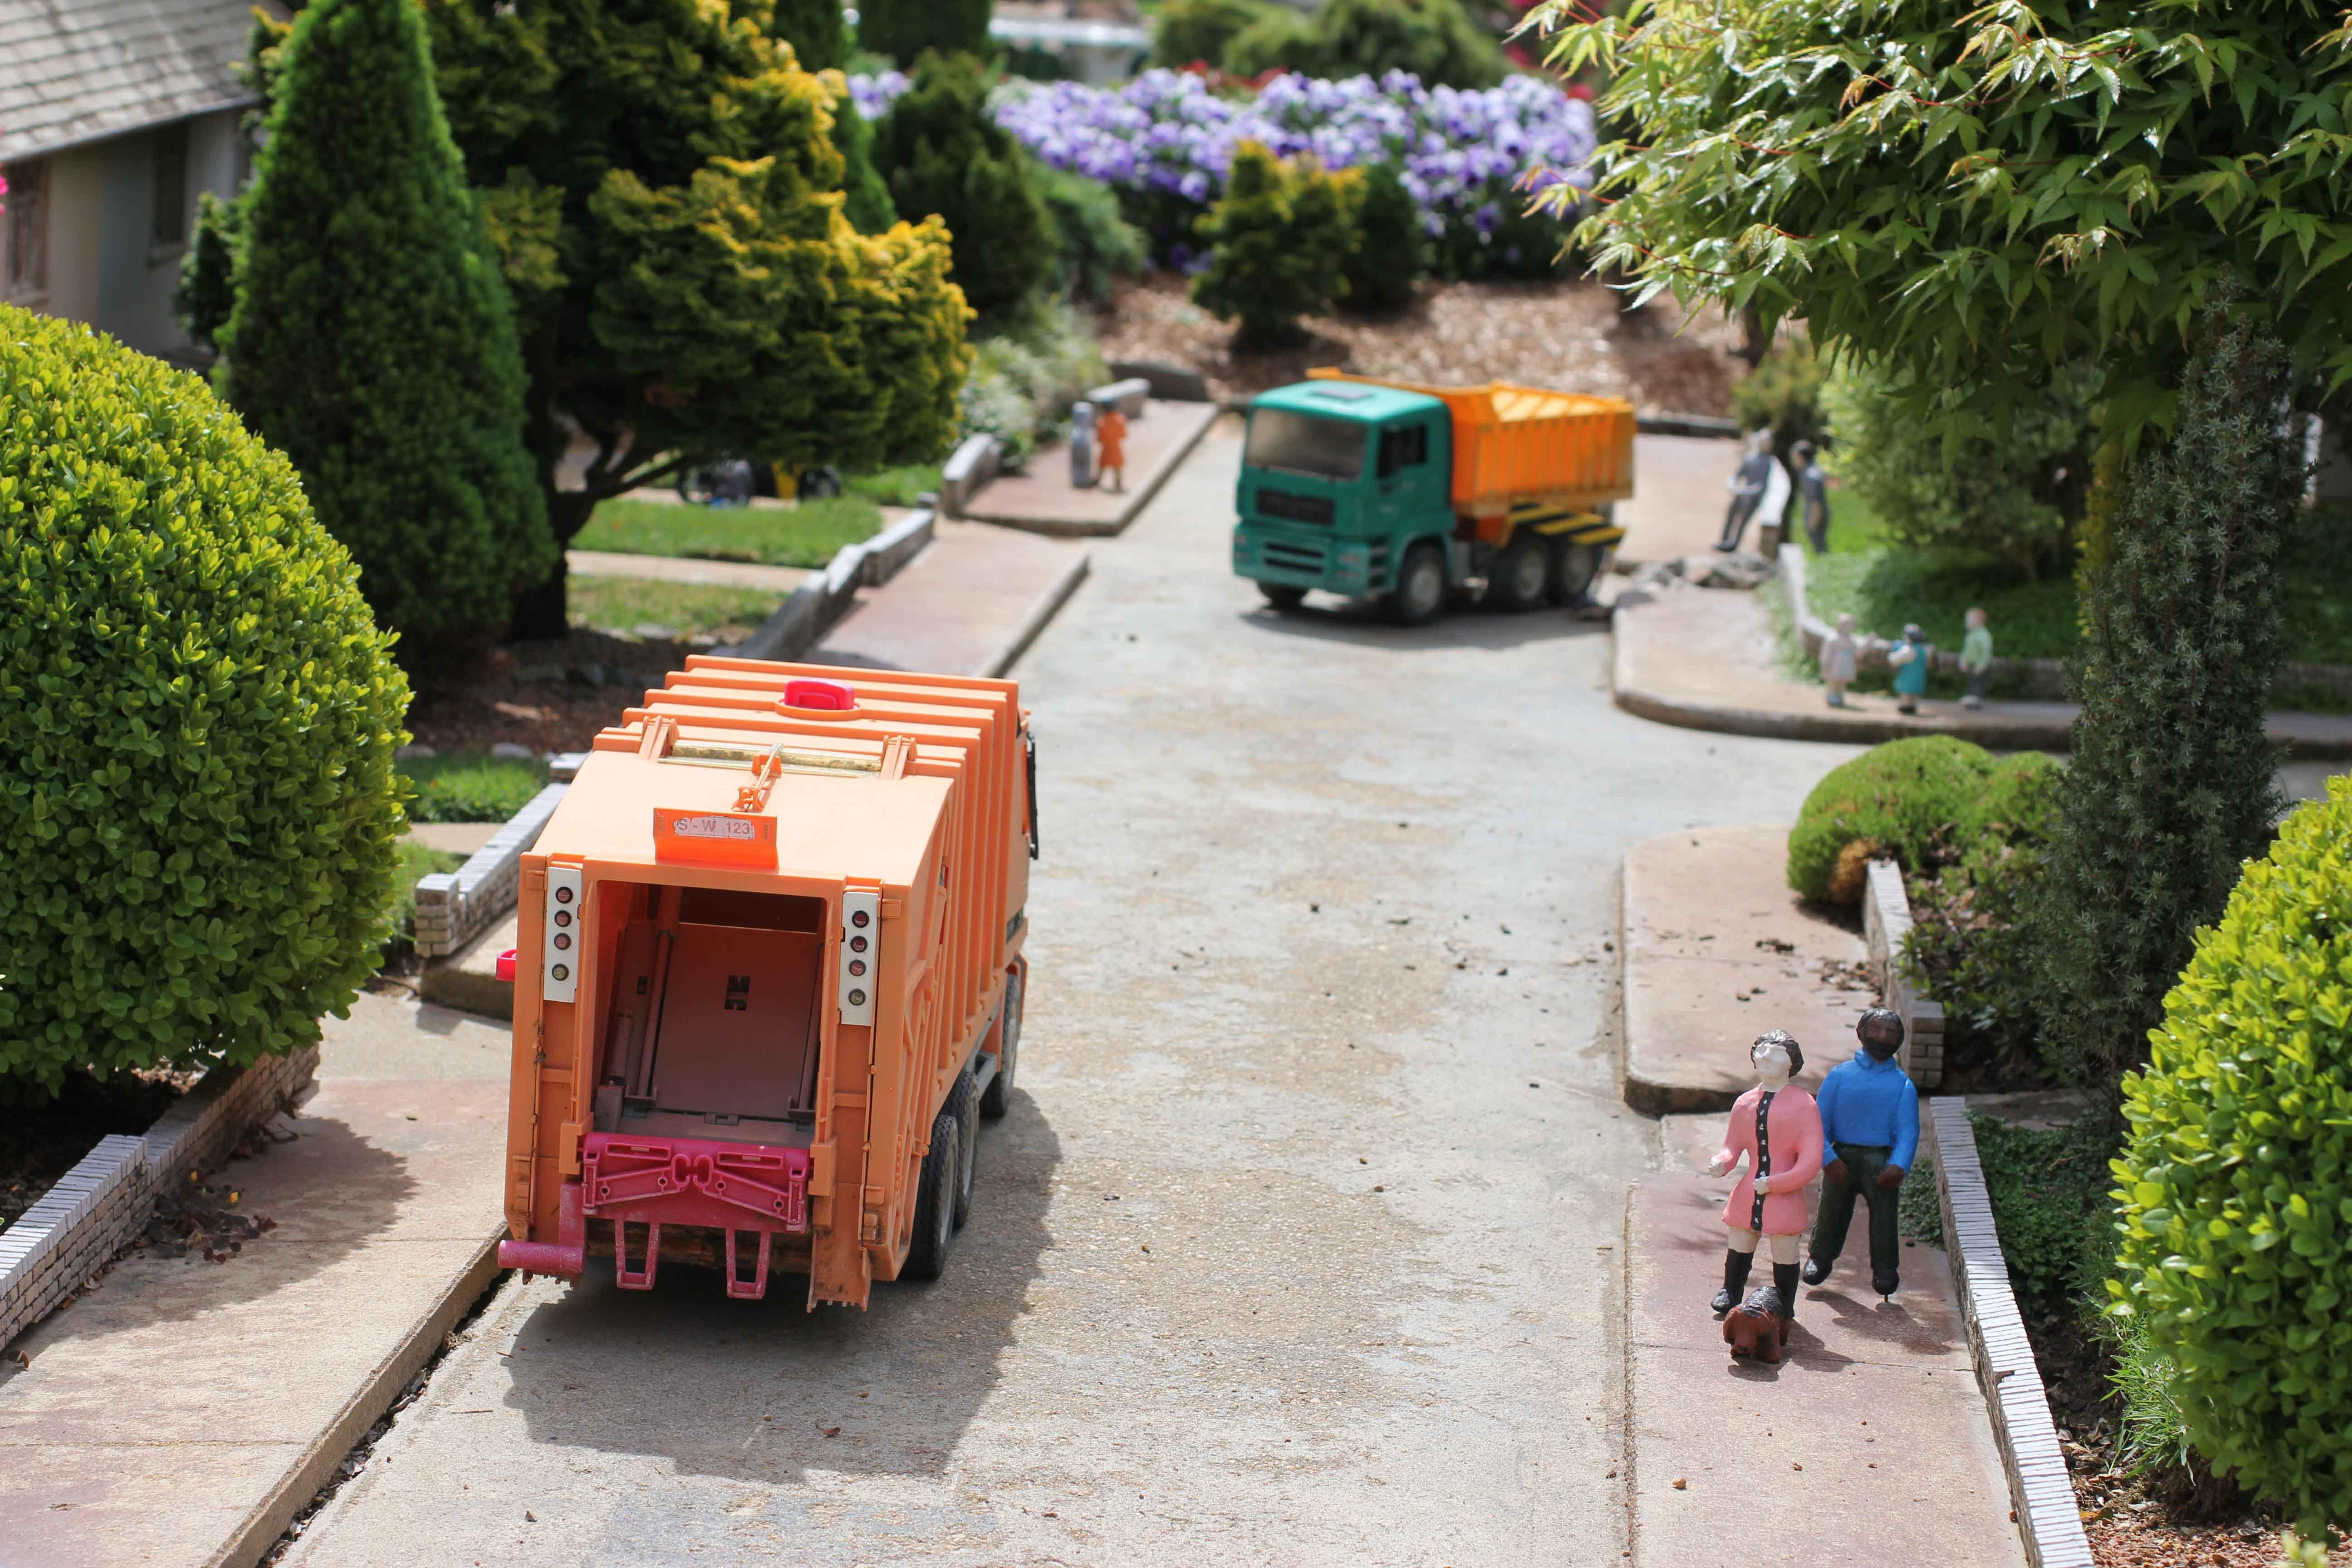 Camion en obra de saneamiento